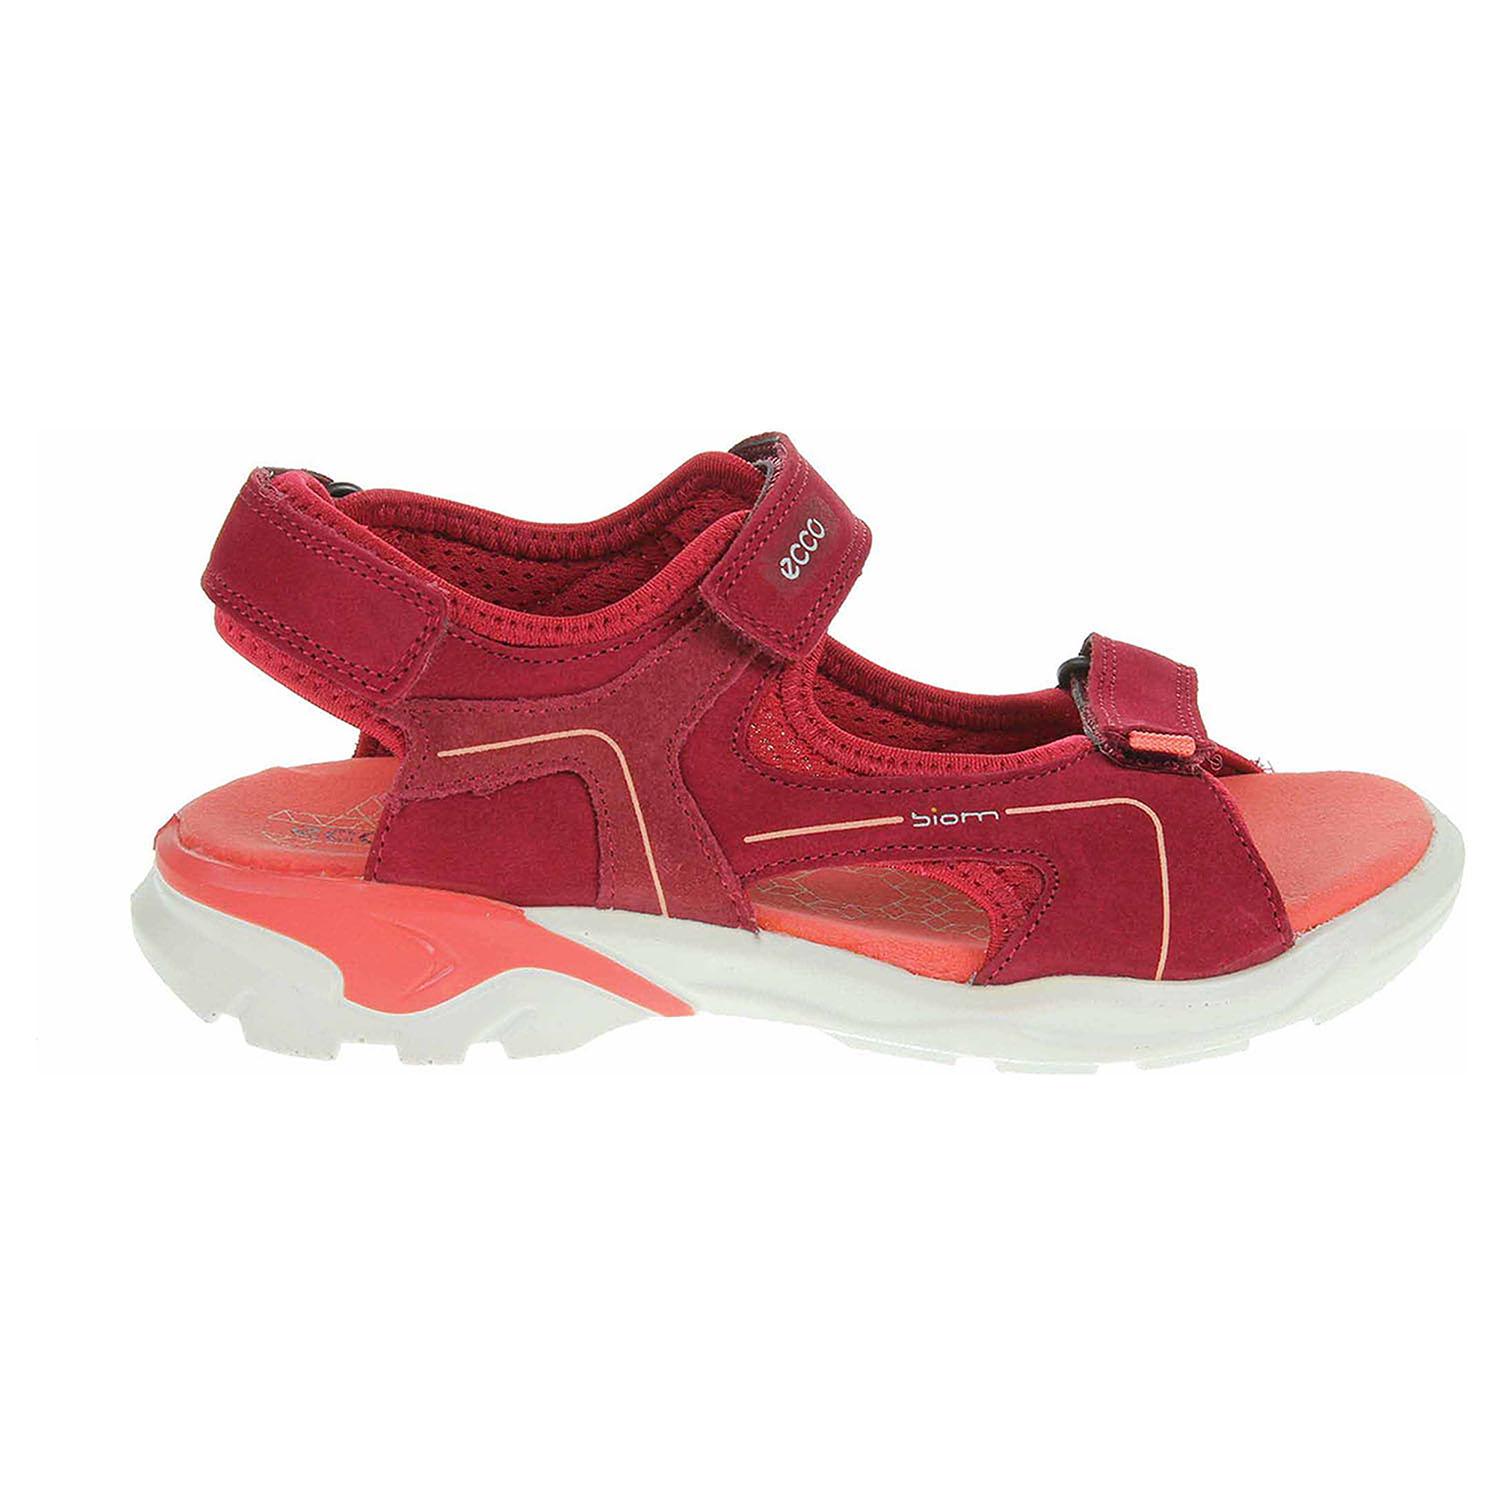 Ecco Biom Raft dívčí sandály 70063251082 brick-chile red-spiced coral 70063251082 28